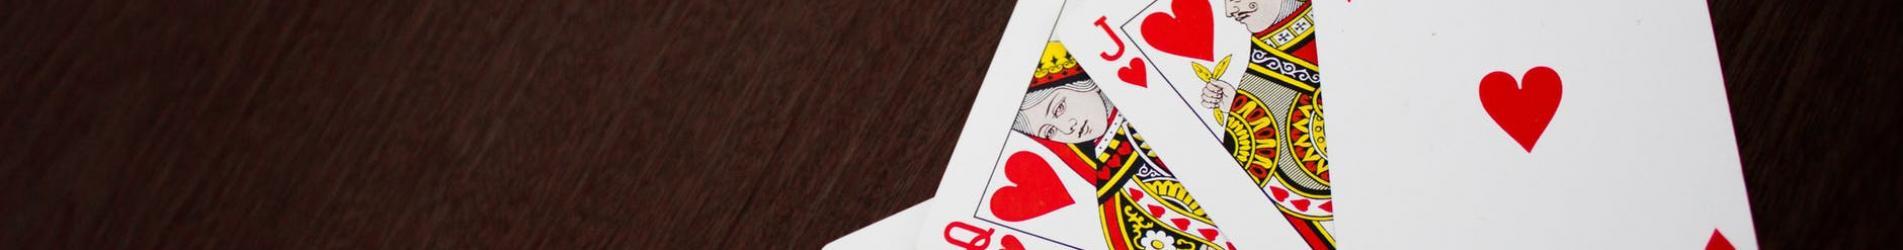 قواعد لعبة البوكر Poker Rules